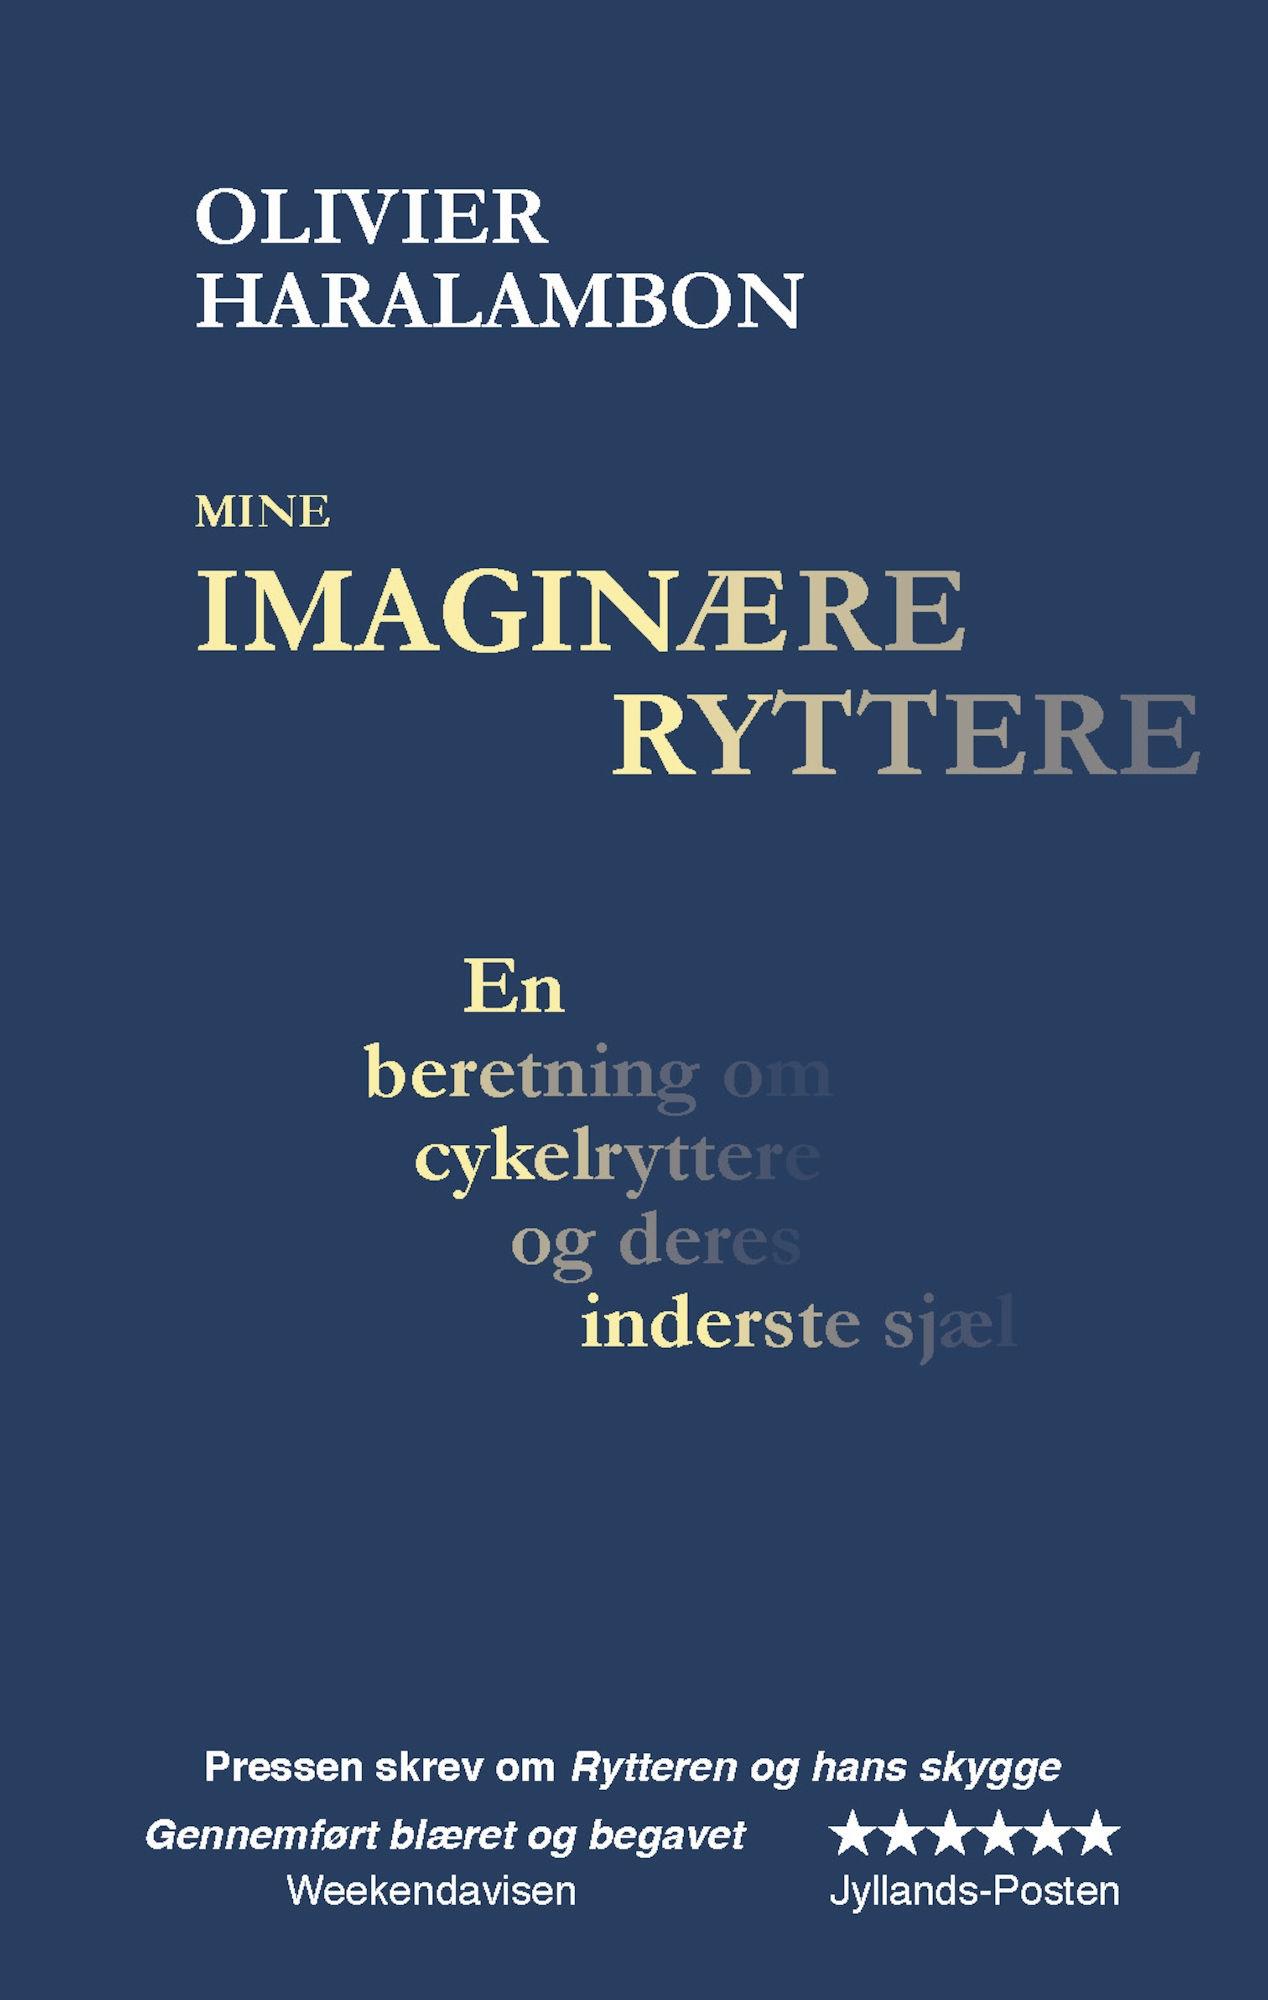 Ny fransk cykelbog udkommer på dansk i denne uge